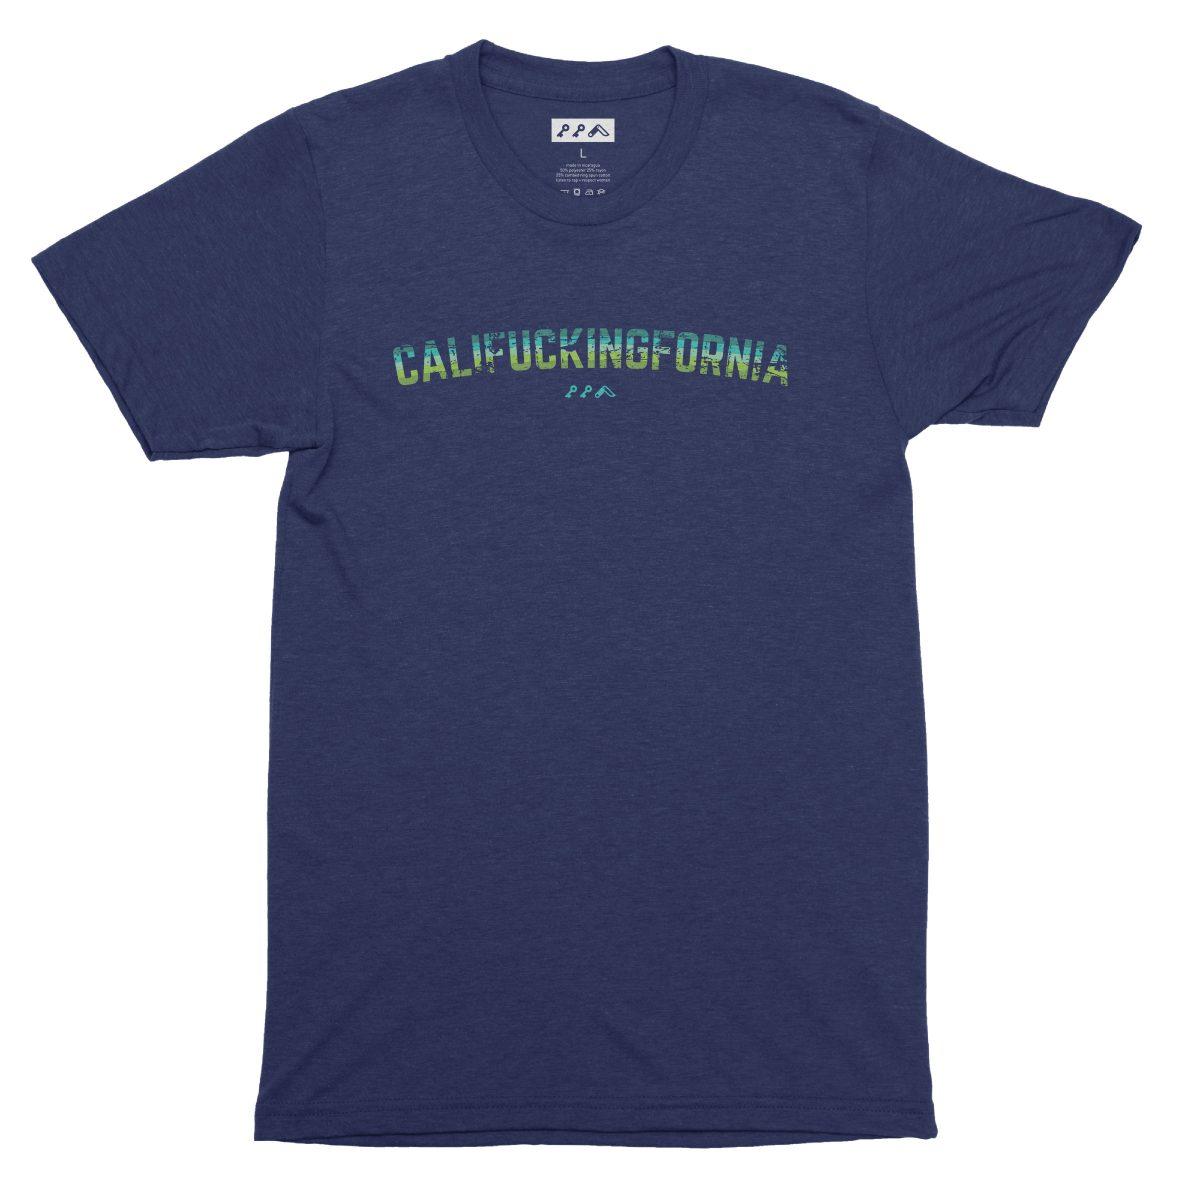 califuckingfornia 90s design retro tee in navy blue by kikicutt t-shirt store